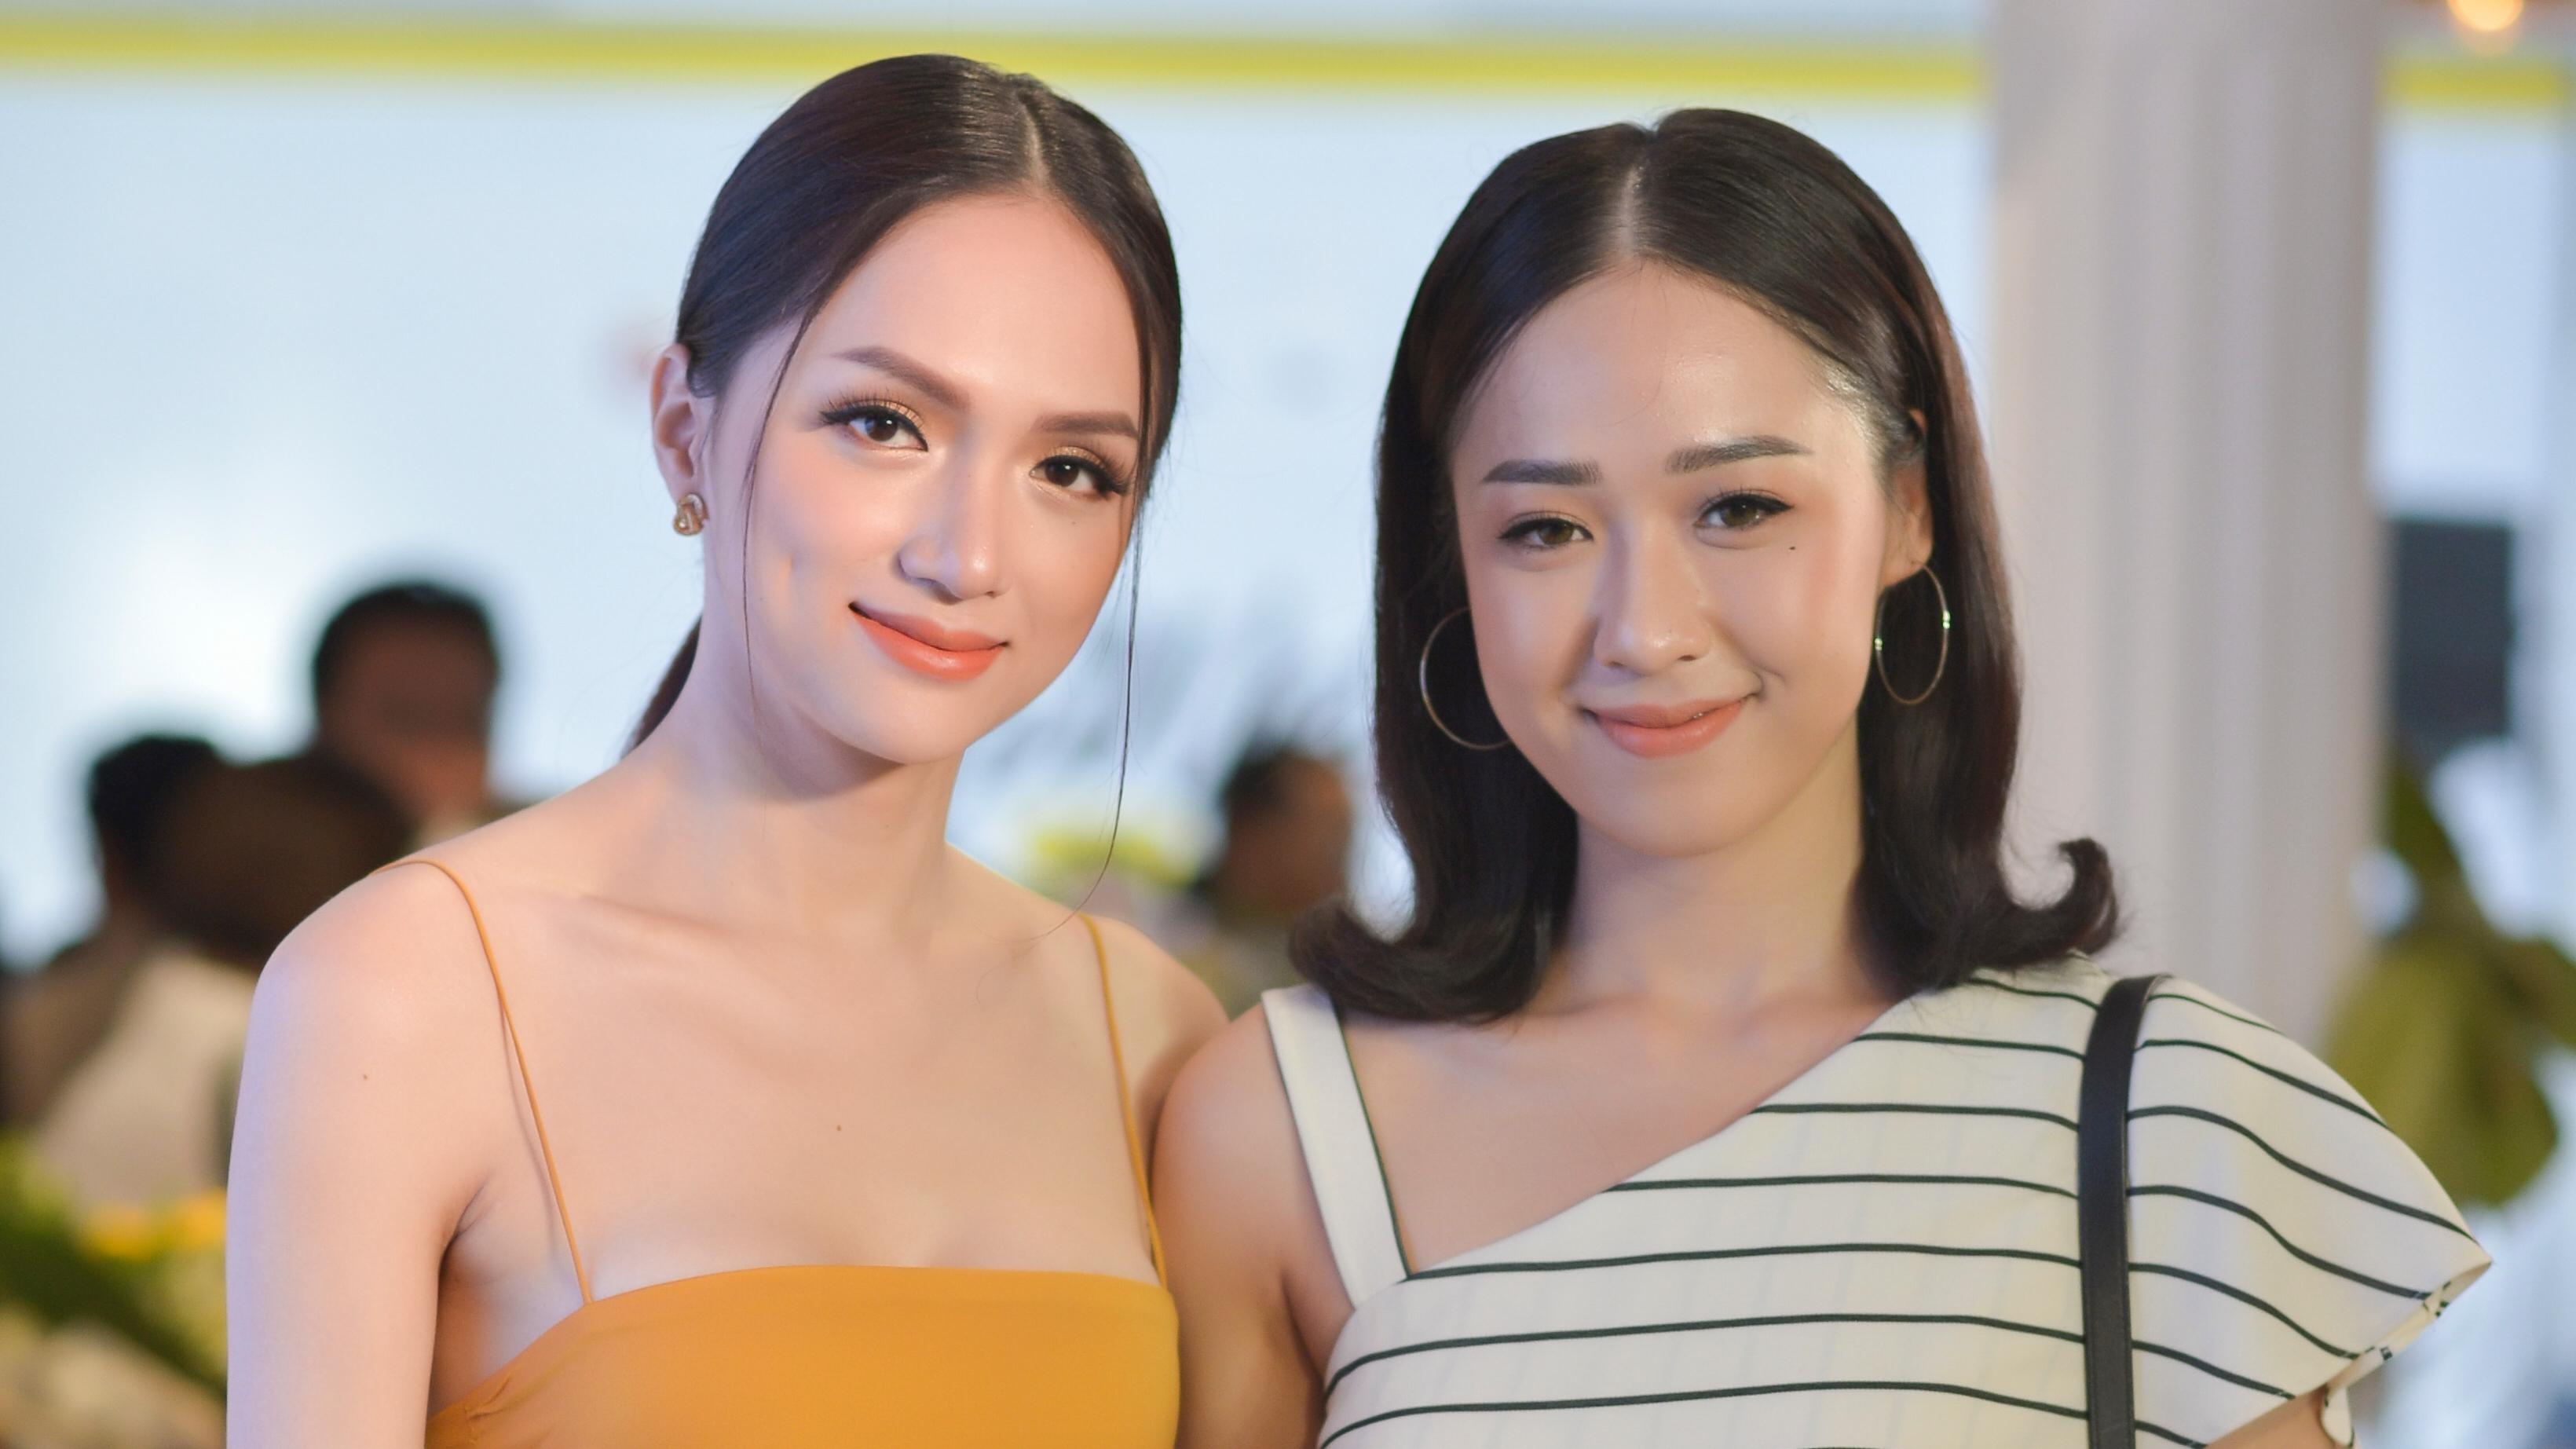 Hoa hậu Hương Giang diện đầm ôm sát, khoe vóc dáng 'vạn người mê'